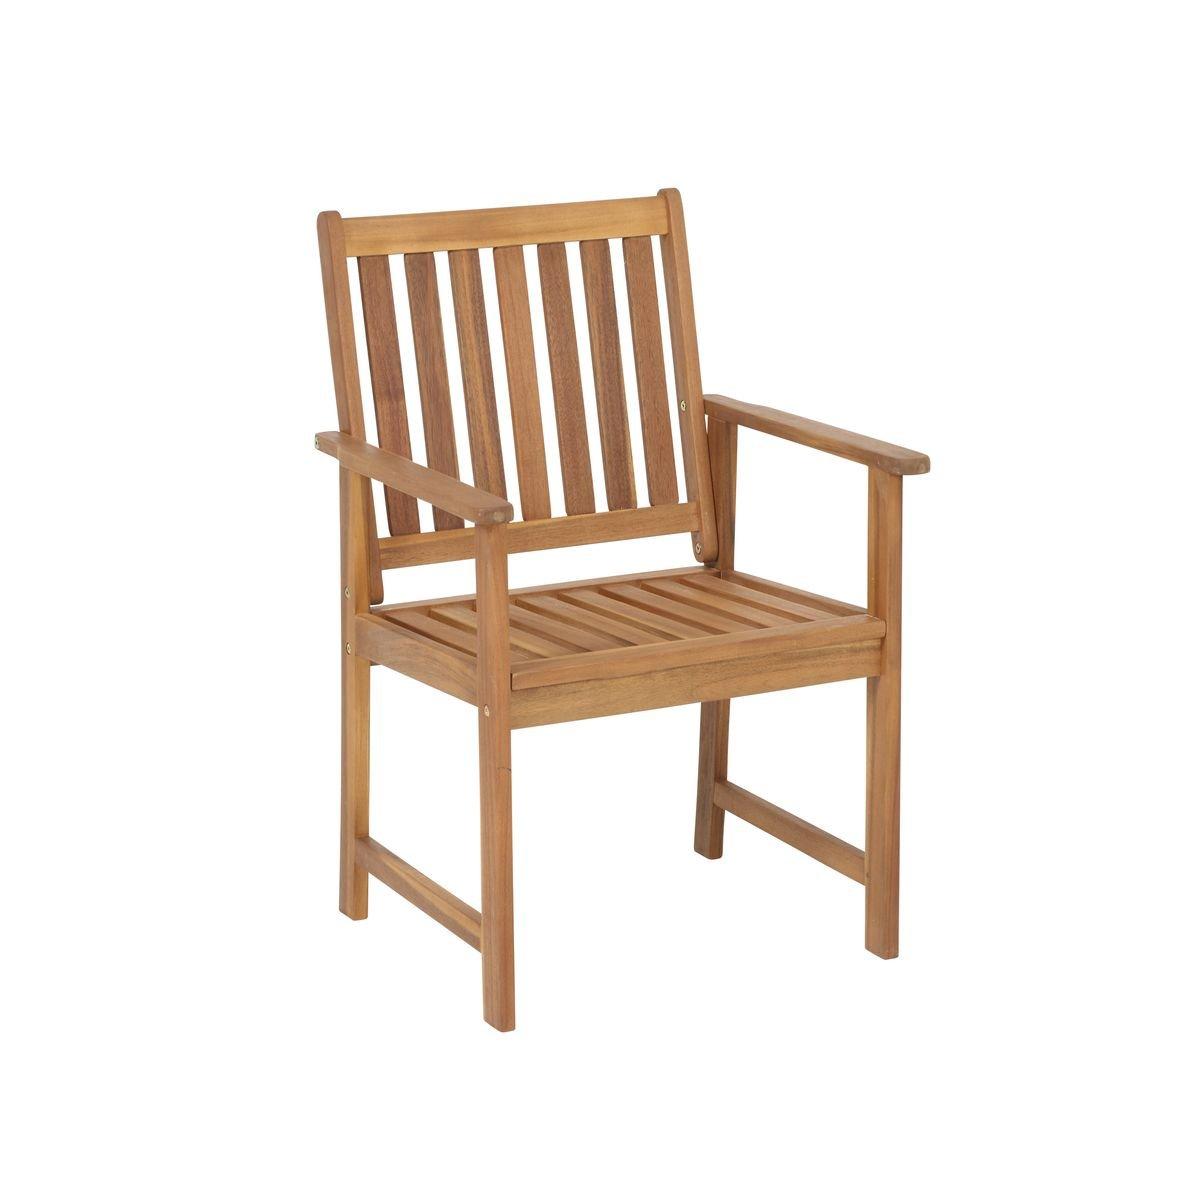 Greemotion Gartenstuhl Borkum - Outdoor-Stuhl mit Armlehne - Gartensessel aus Akazie massiv - Holz-Gartenmöbel für Terrasse & Balkon